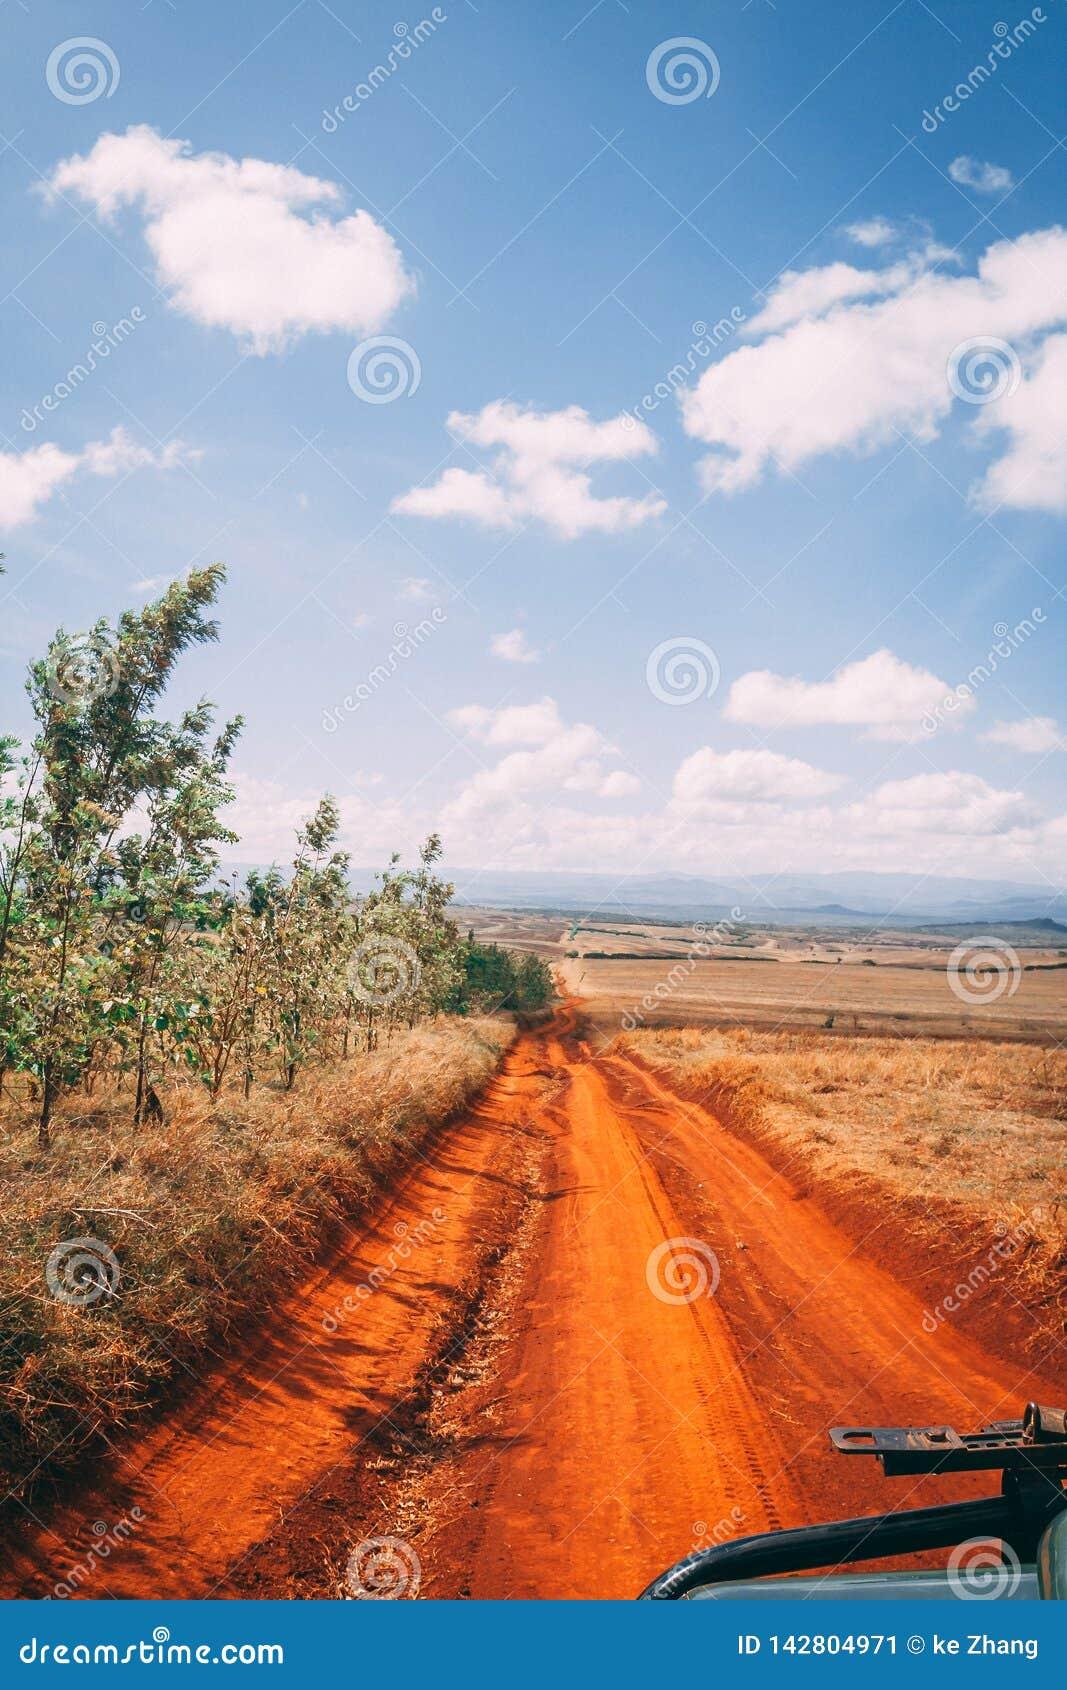 Dirt road under big sky